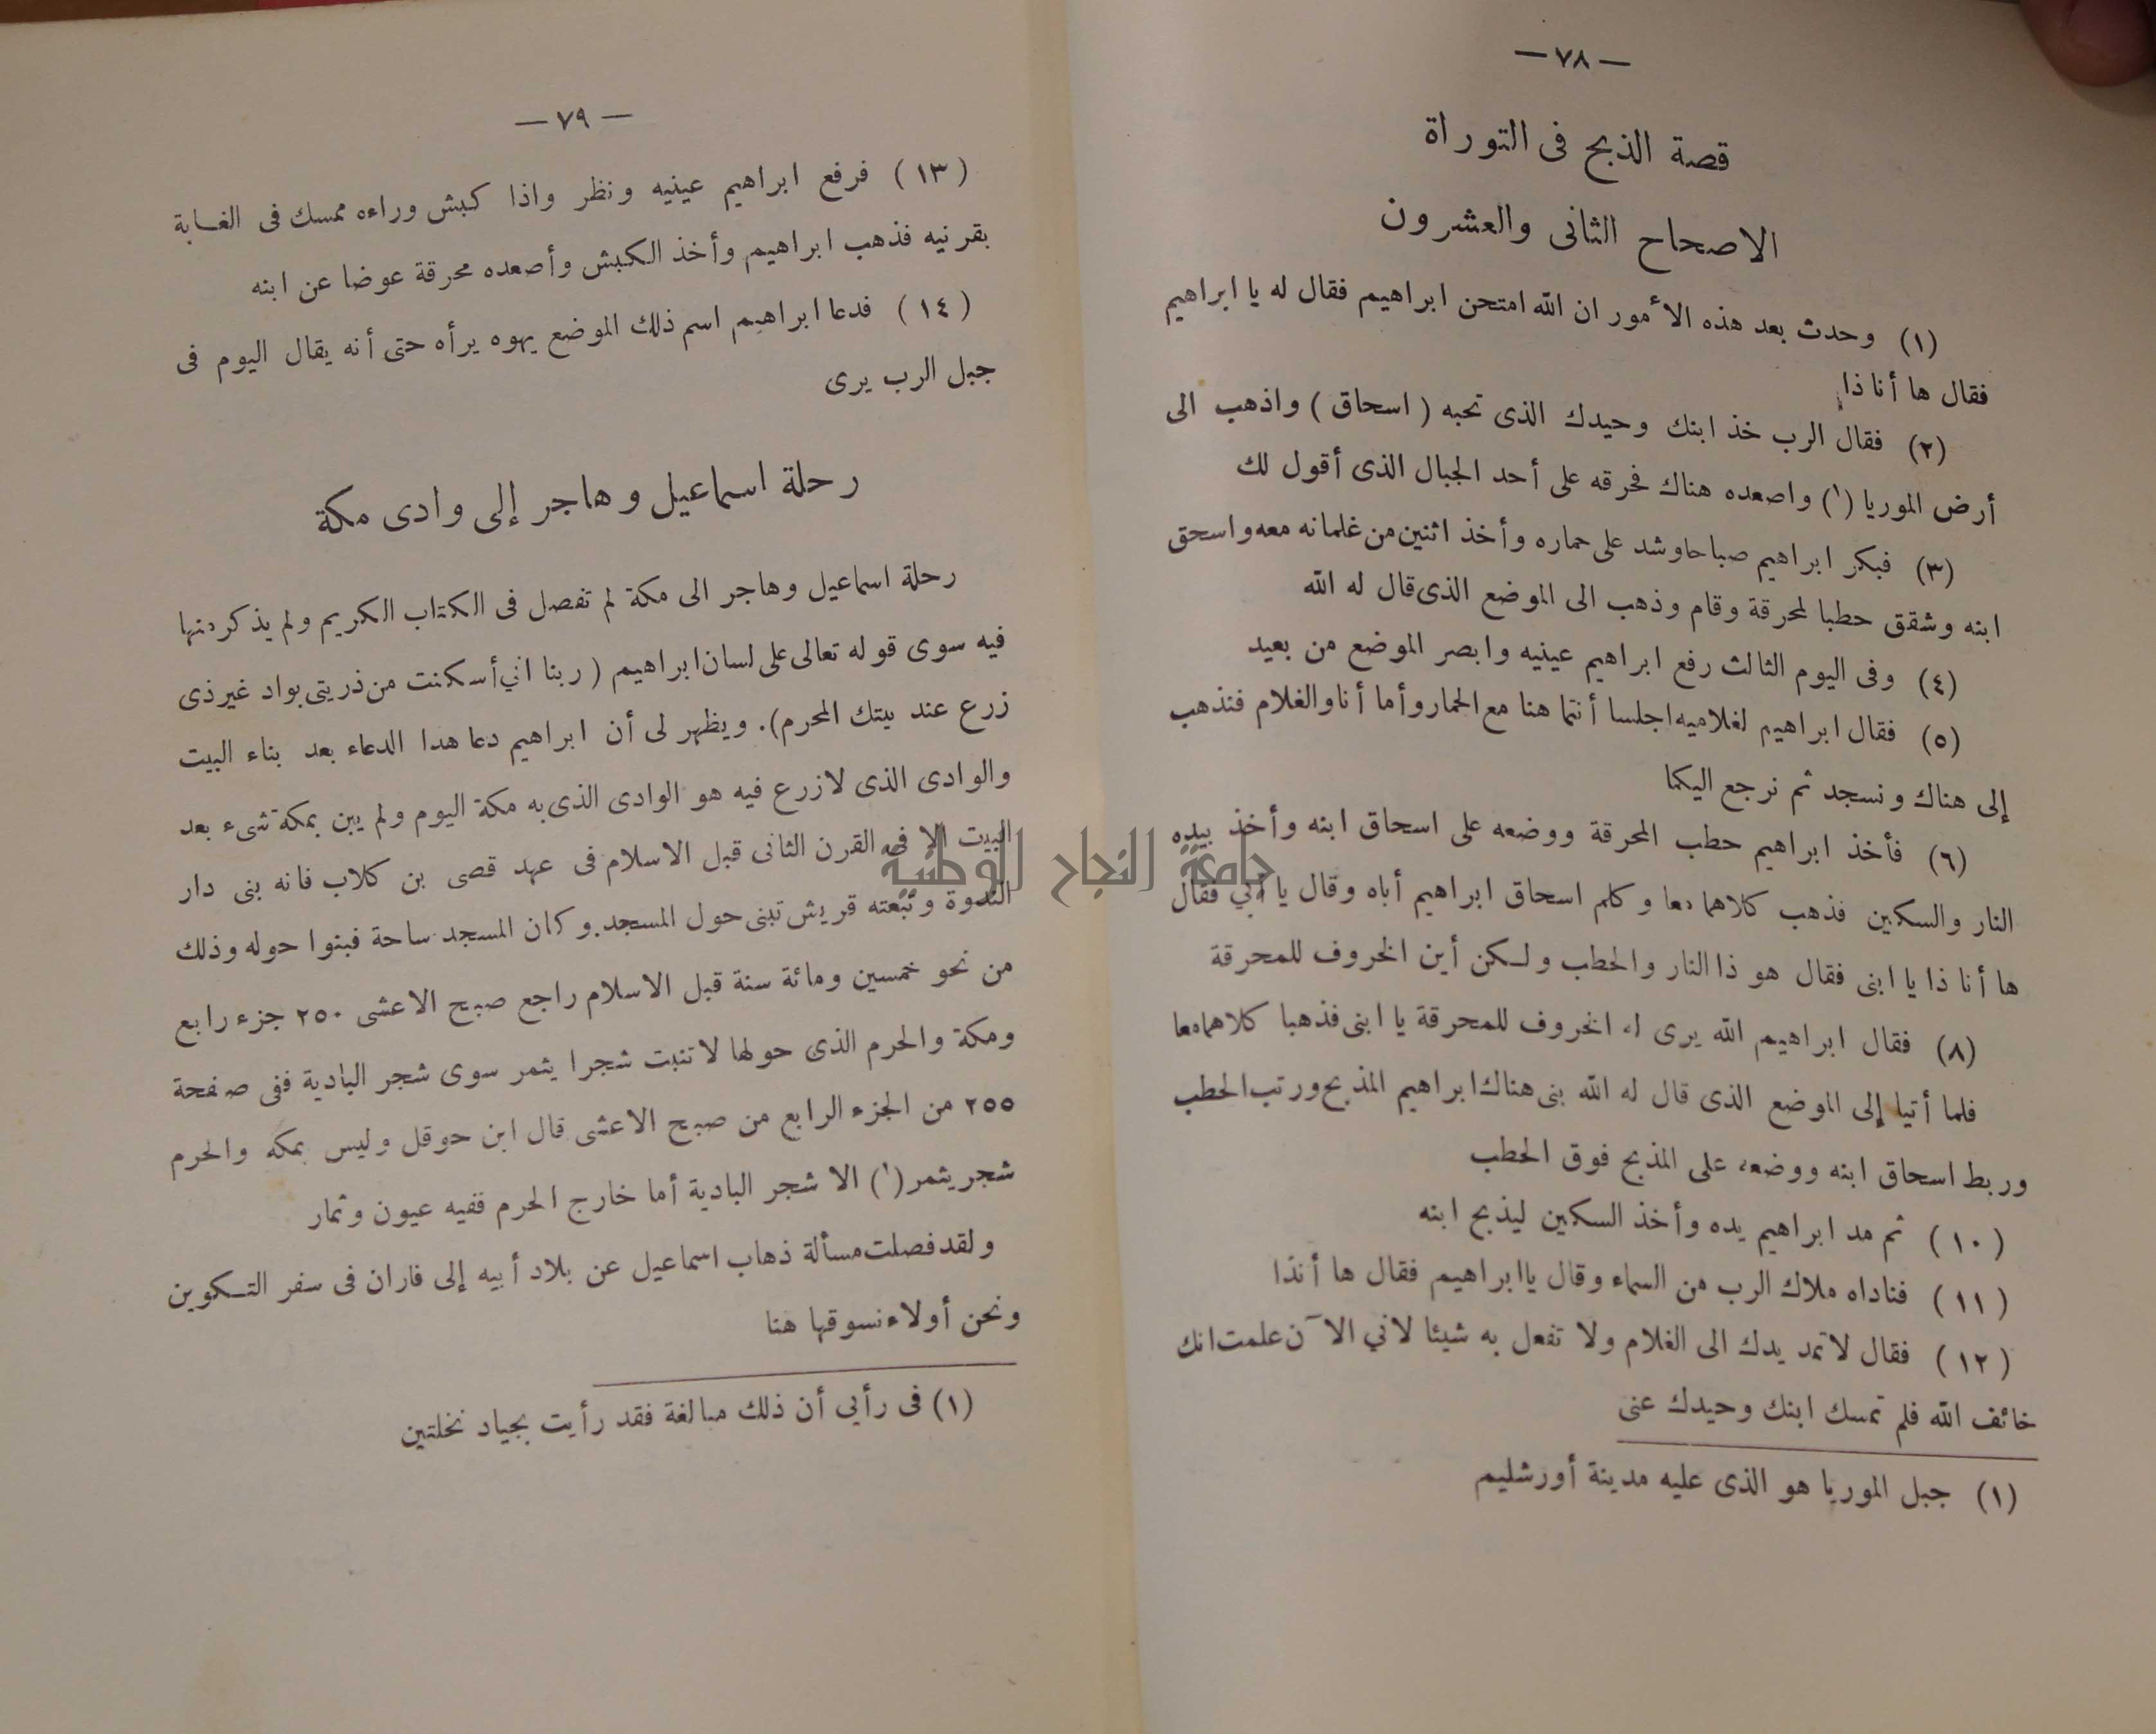 كتاب صص الانبياء عليهم الصلاة والسلام | المخطوطات